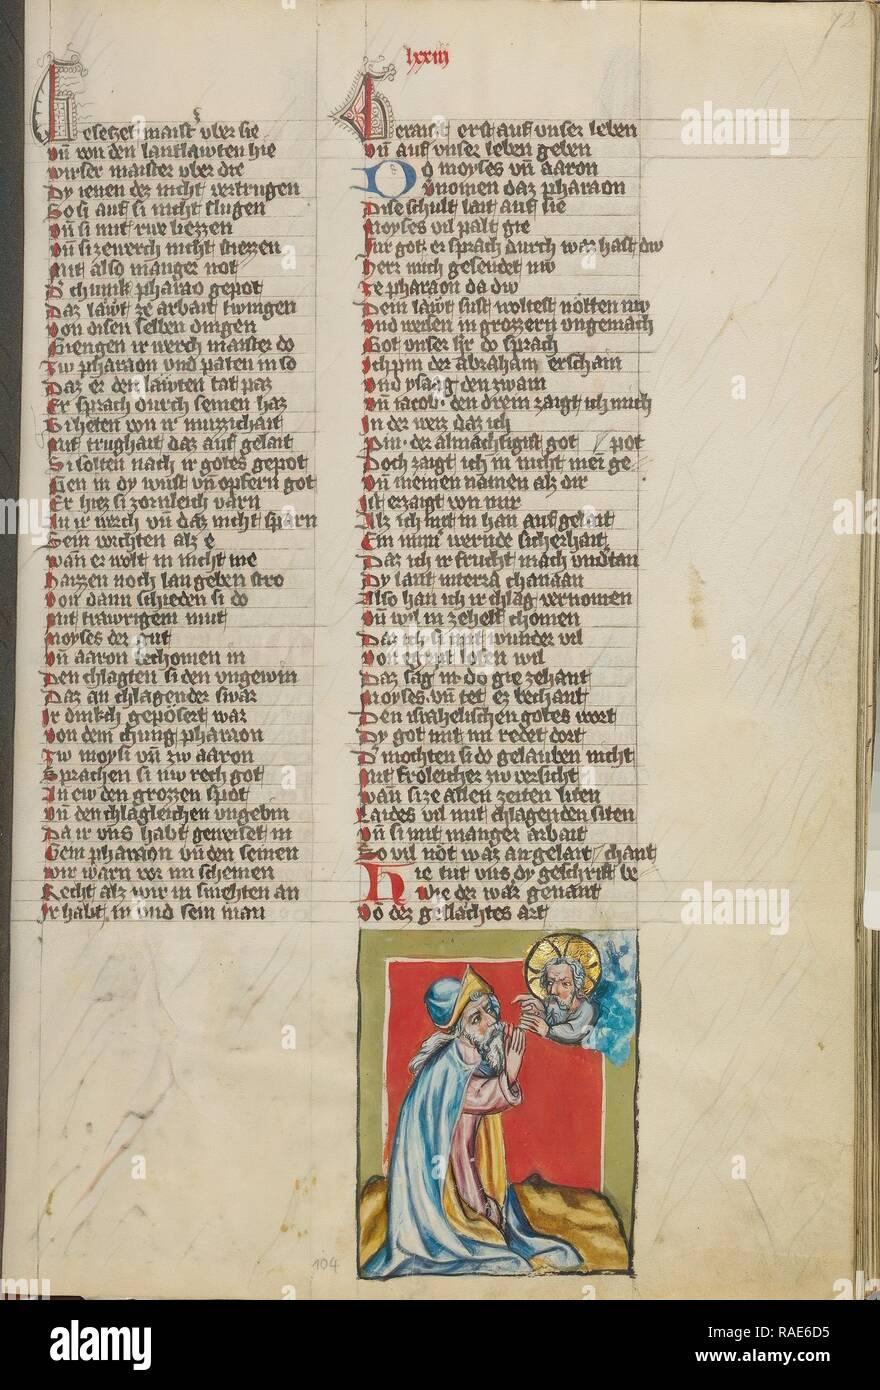 La Parole de Dieu à Moïse, Regensburg, Bavière, Allemagne, environ 1400 - 1410 couleurs, Tempera, or, argent, de peinture et d'encre repensé Photo Stock